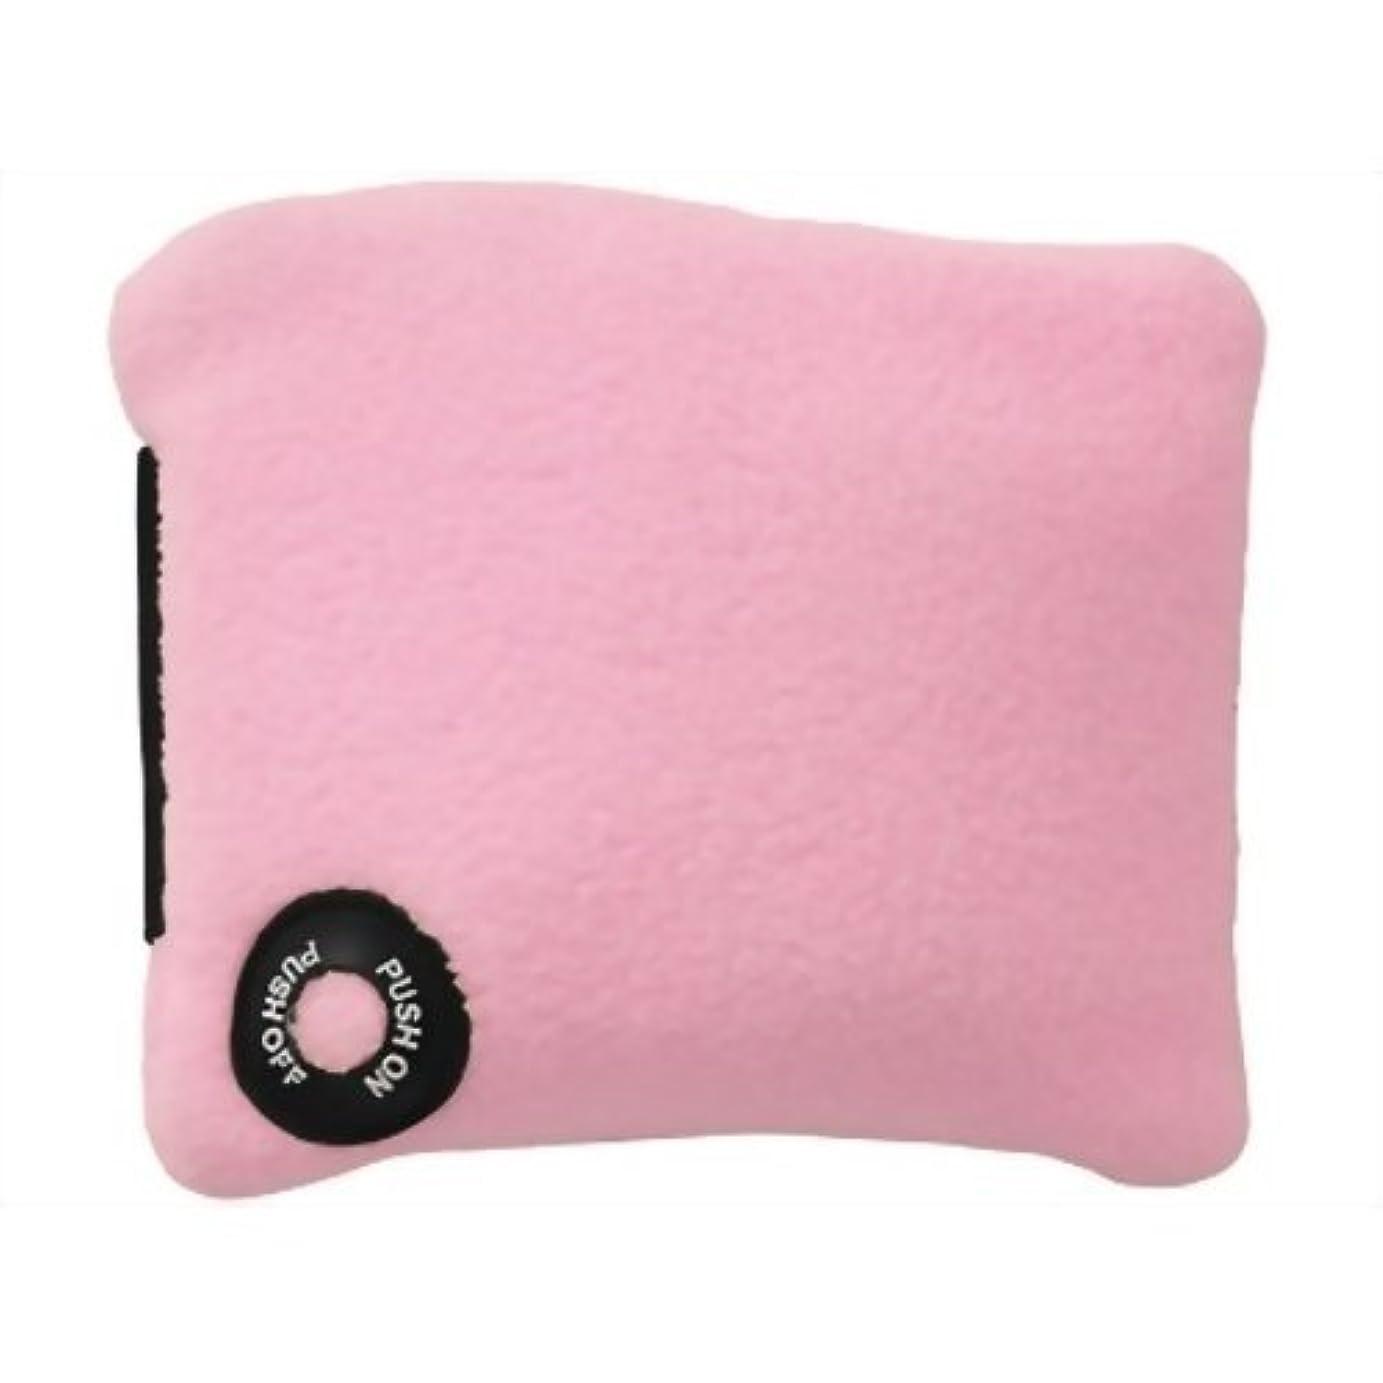 アンペアスポーツラッチぶるる 足用 ピンク フリーサイズ